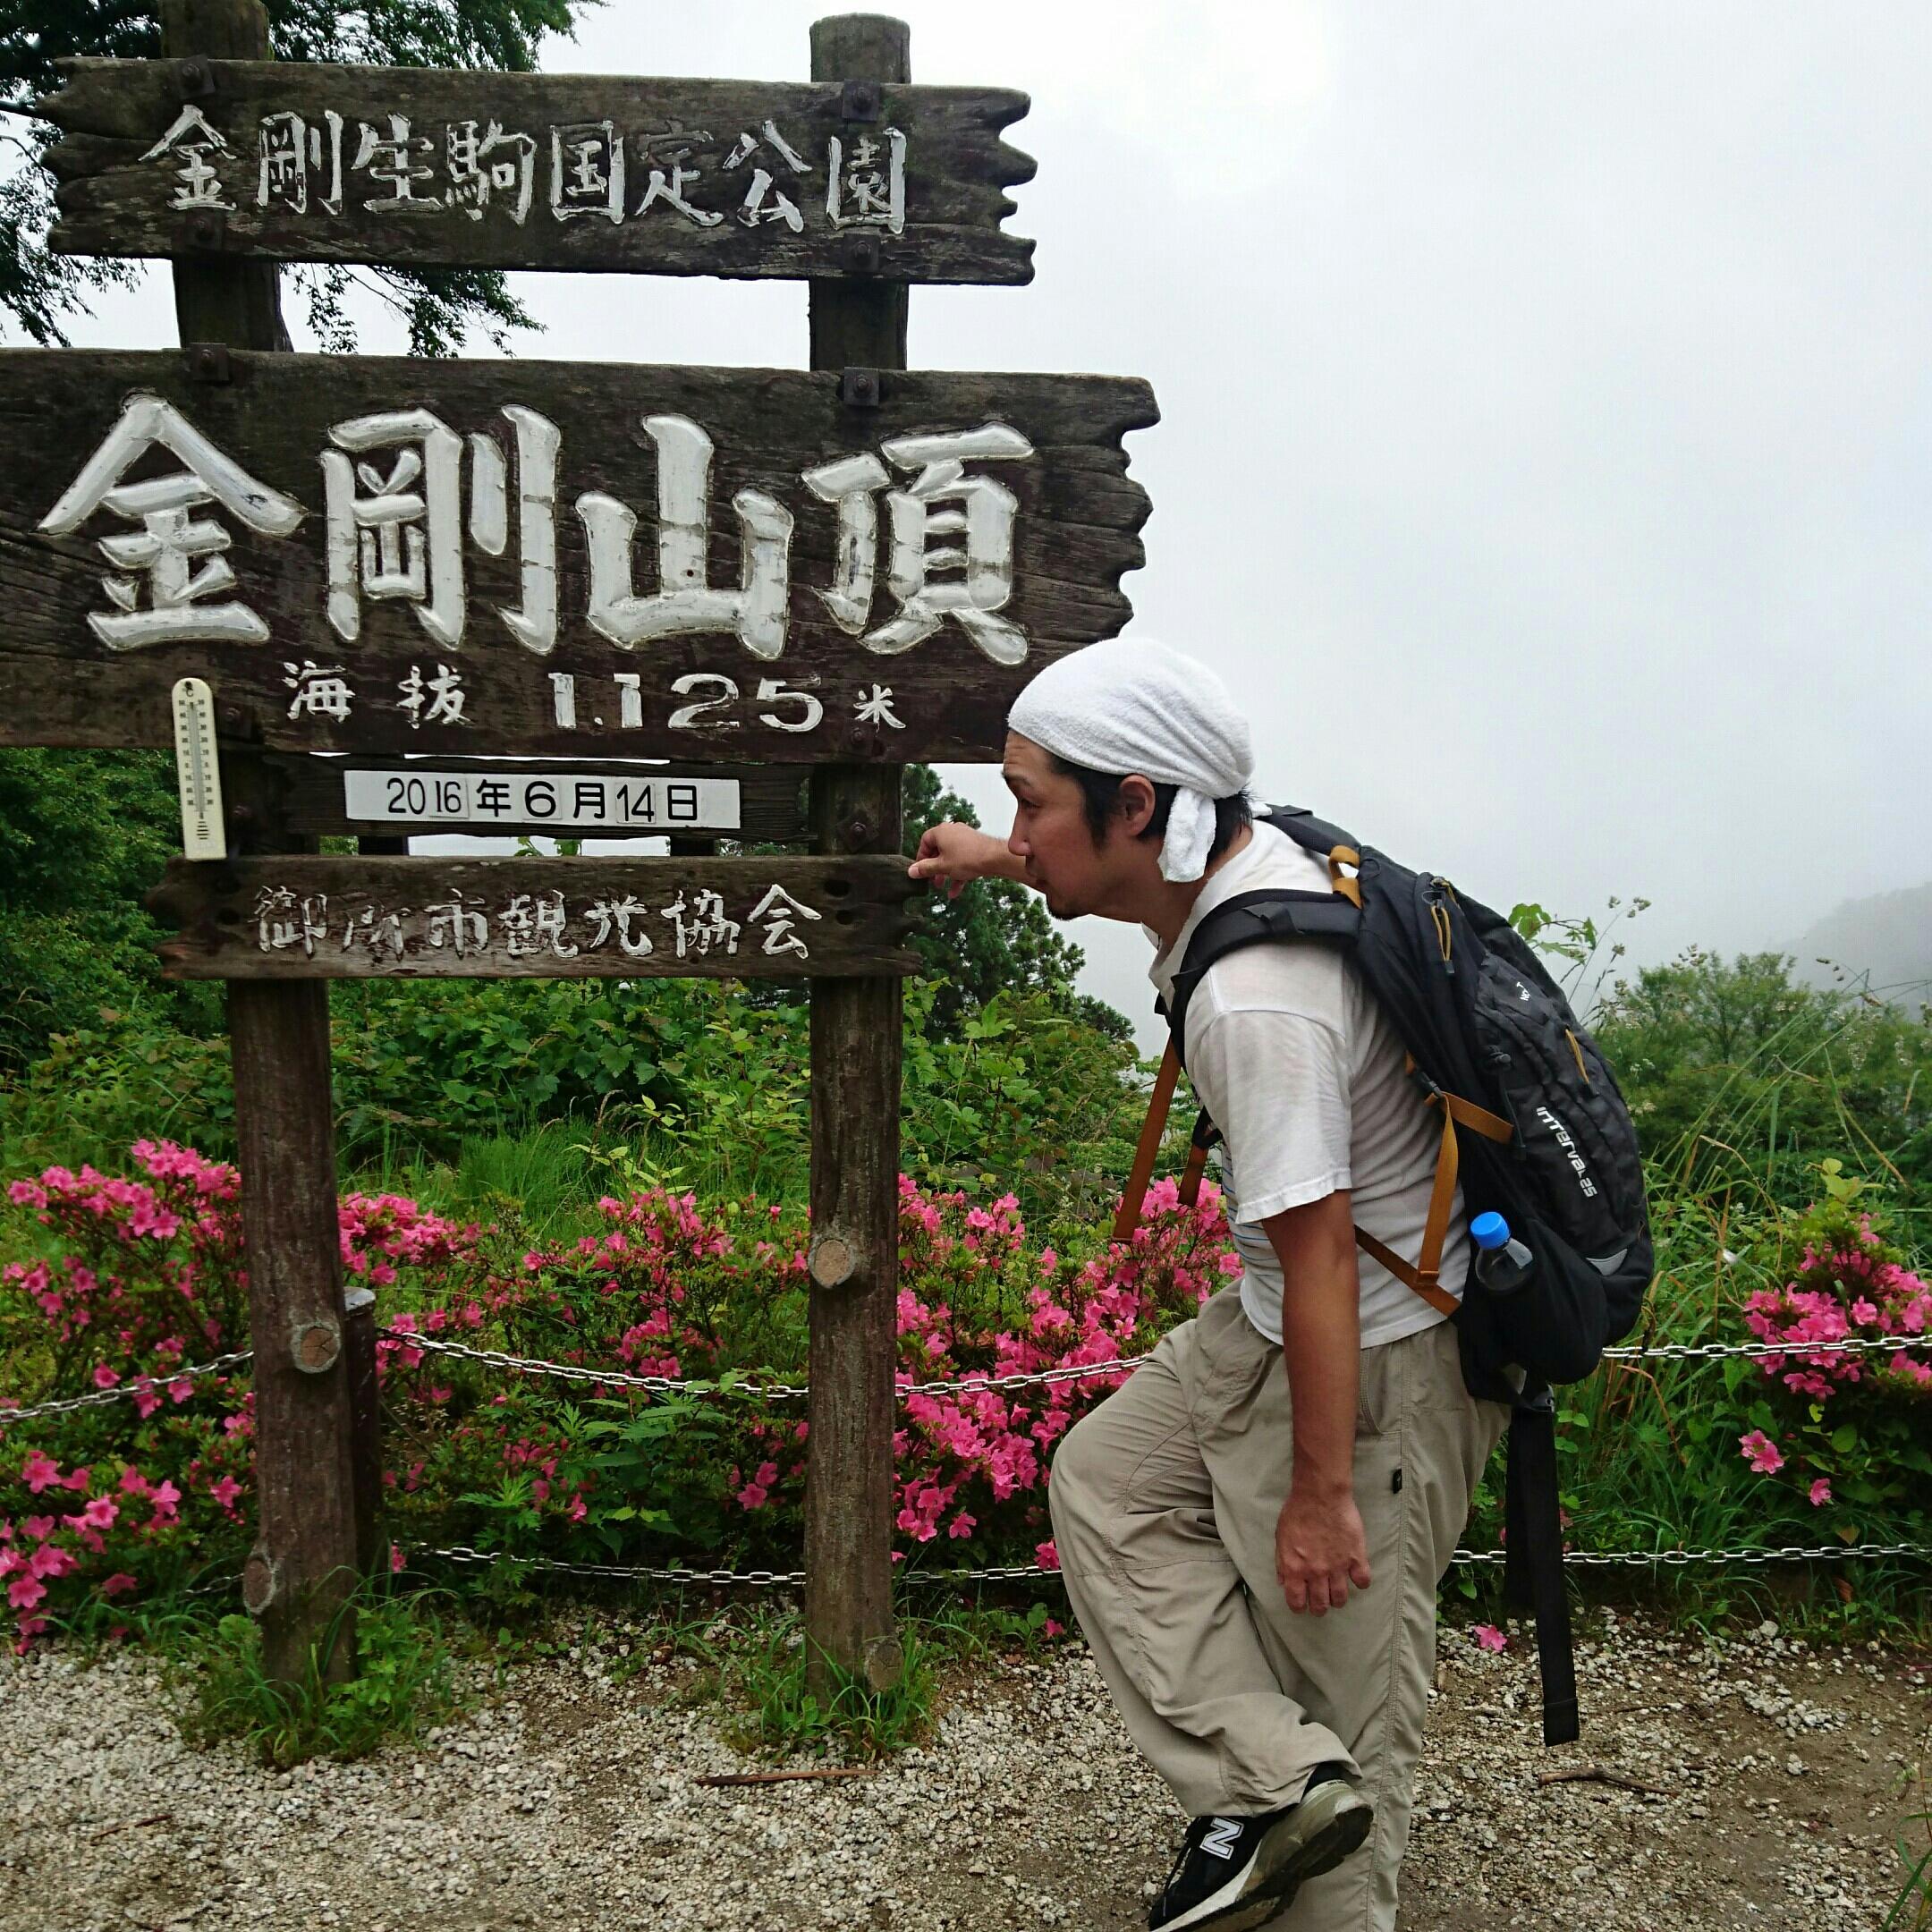 もうすぐ東京へ行ってしまう登山仲間のKENSAN♪